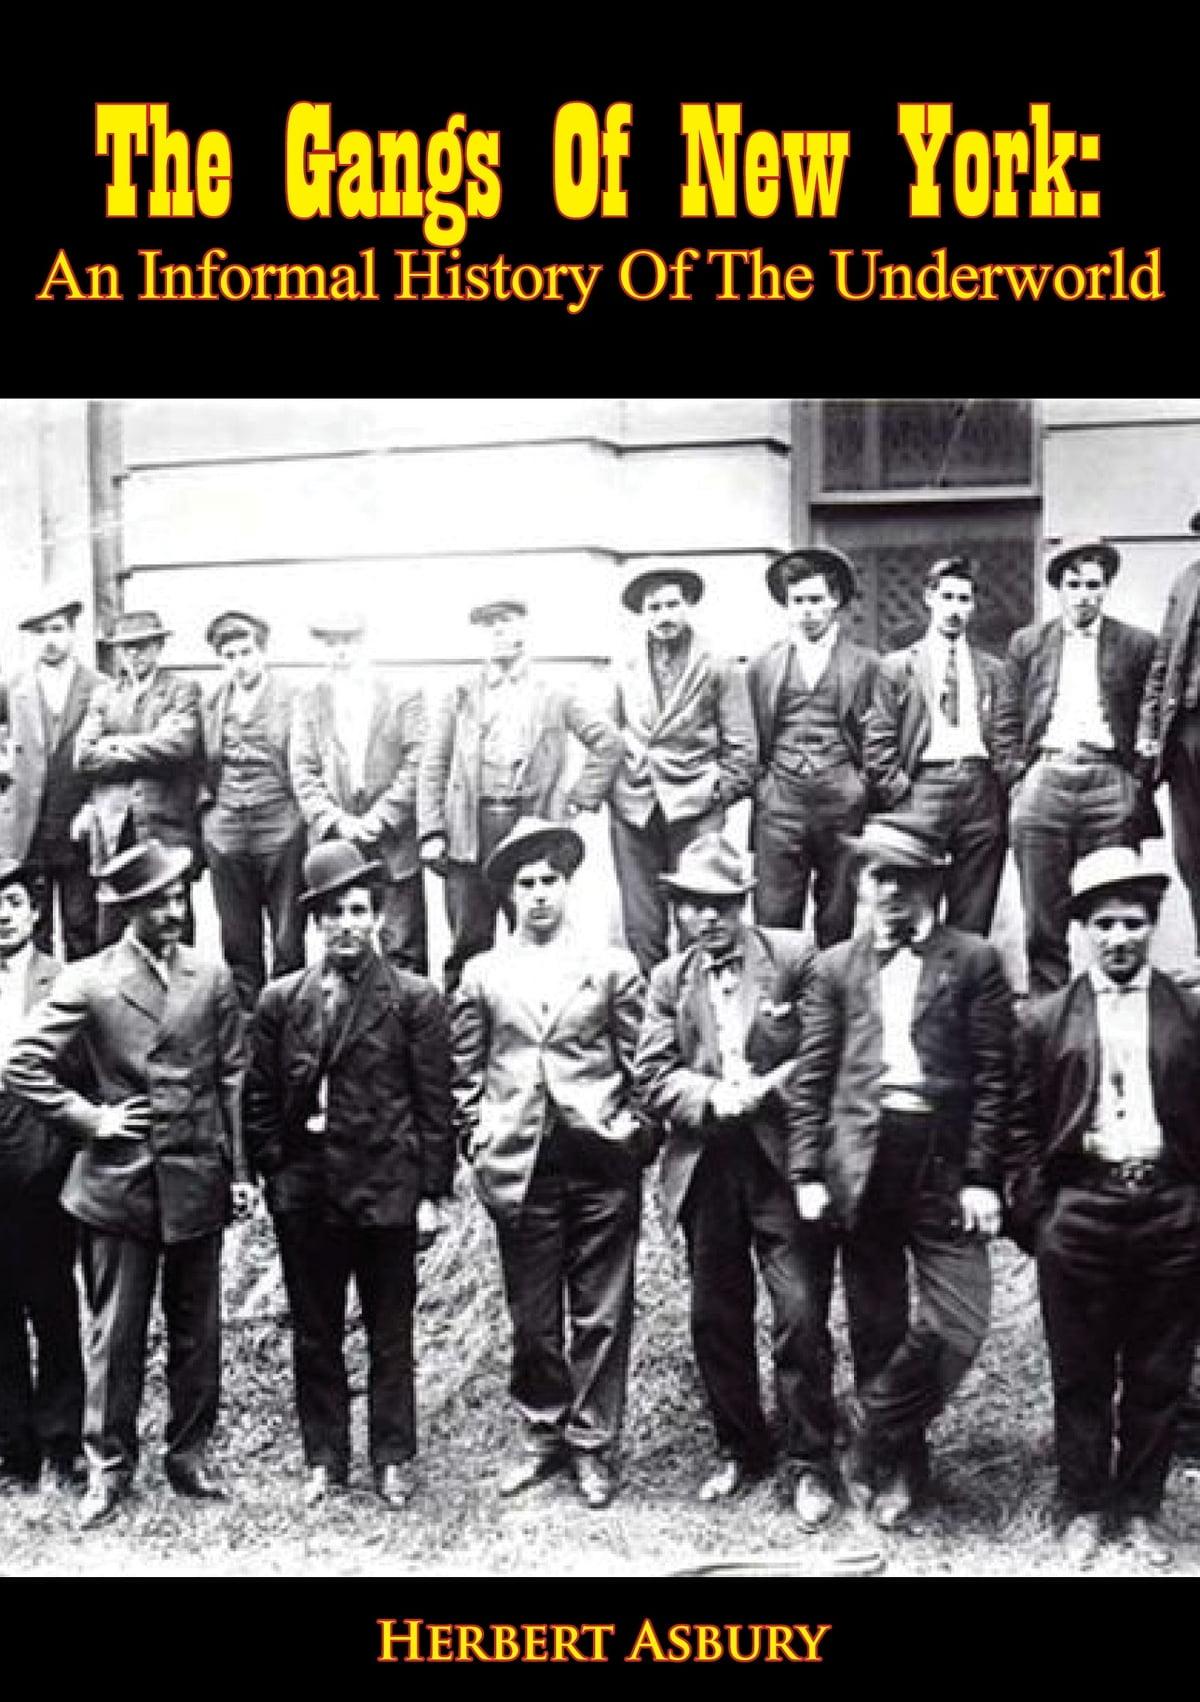 The Gangs Of New York Ebook By Herbert Asbury